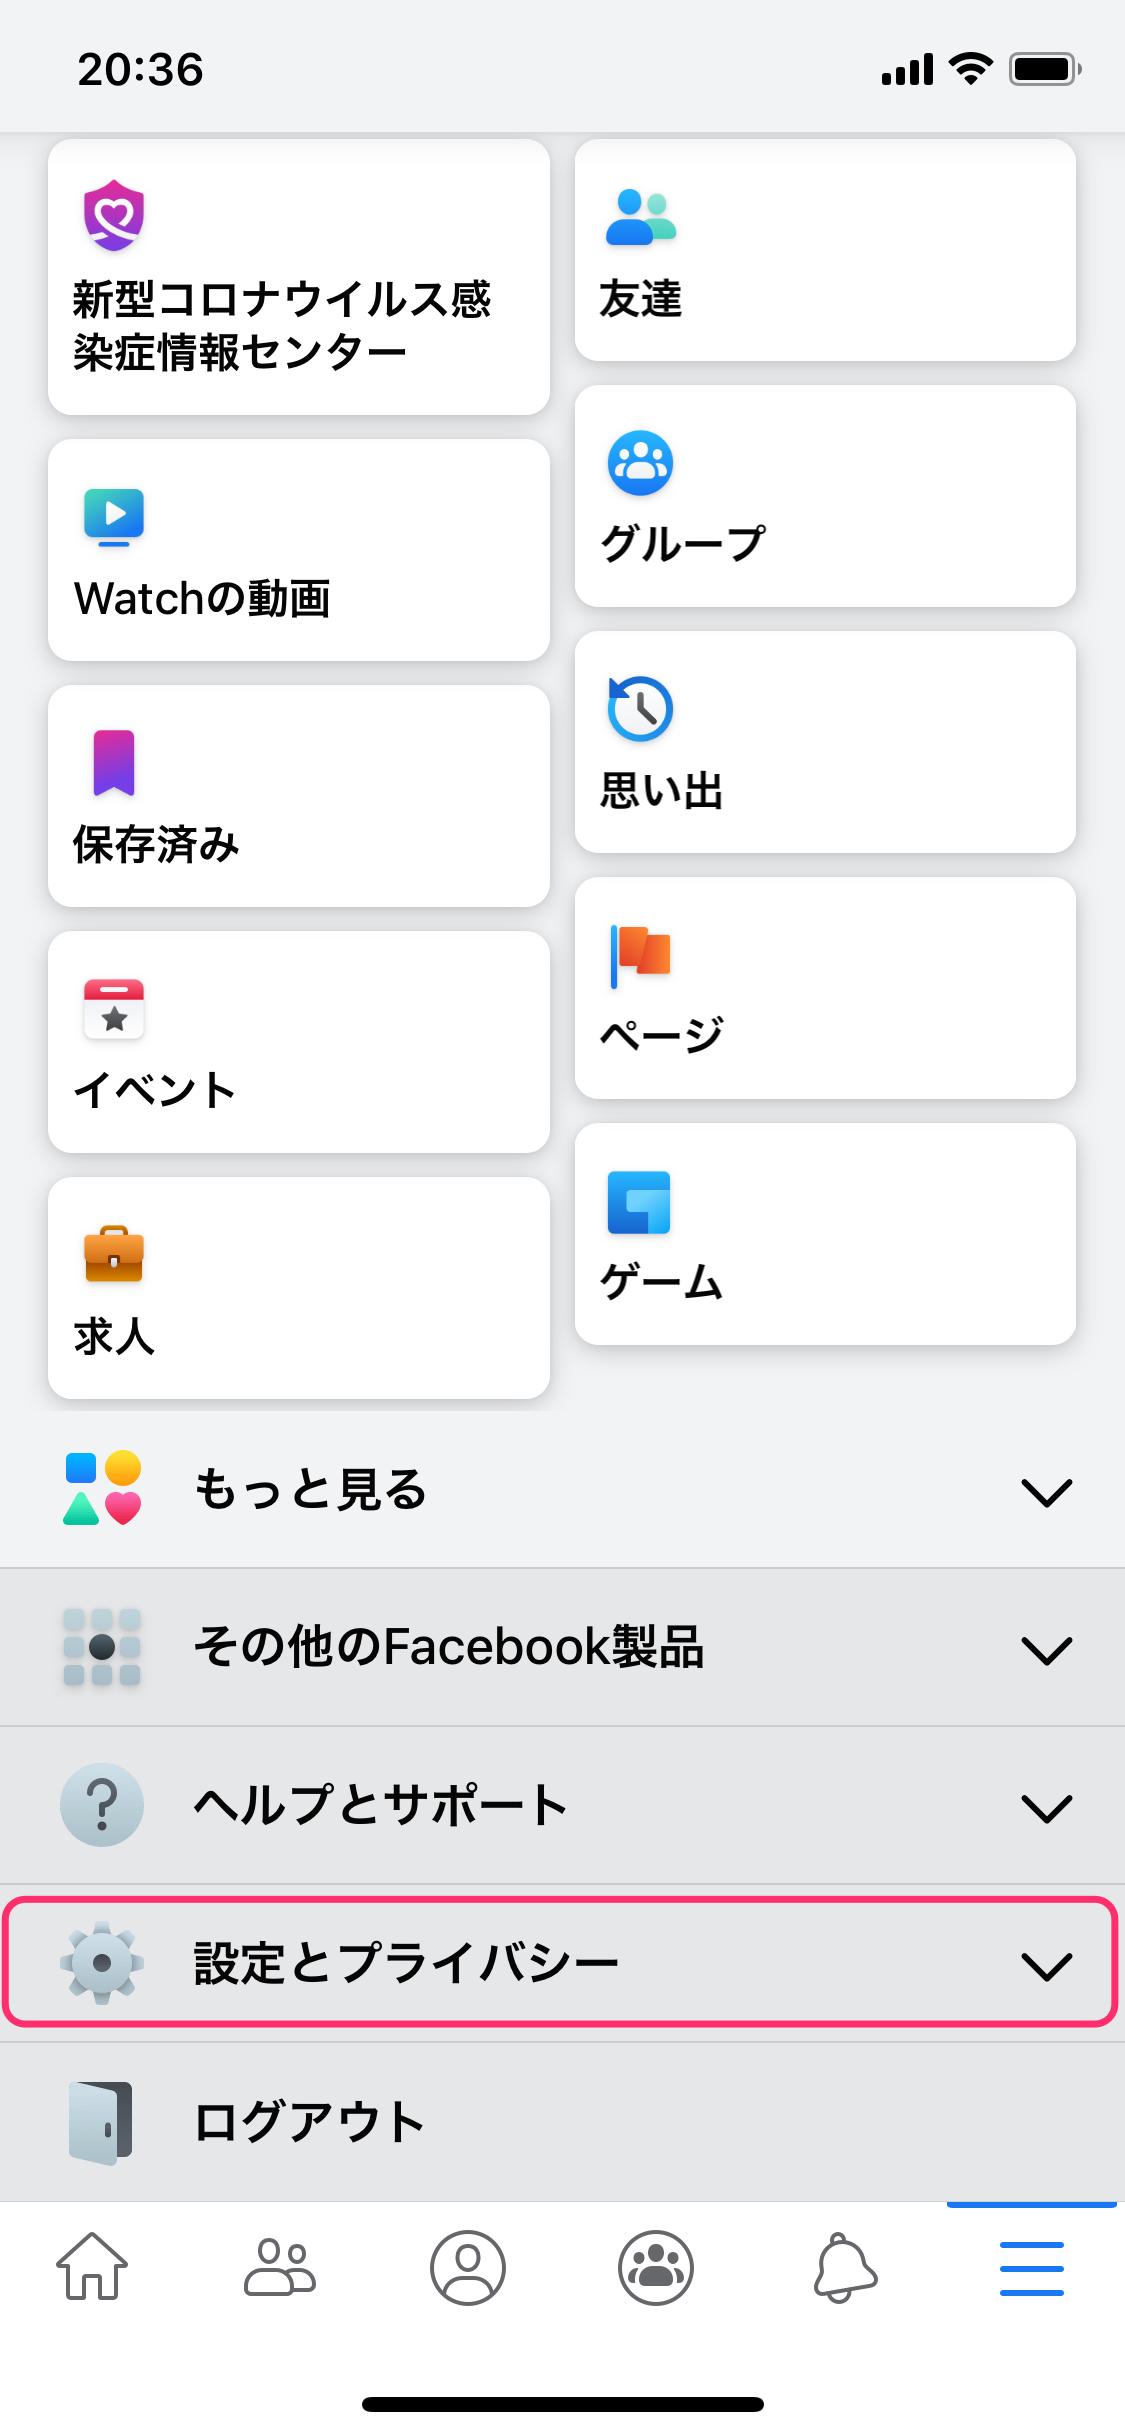 Facebook メニュー